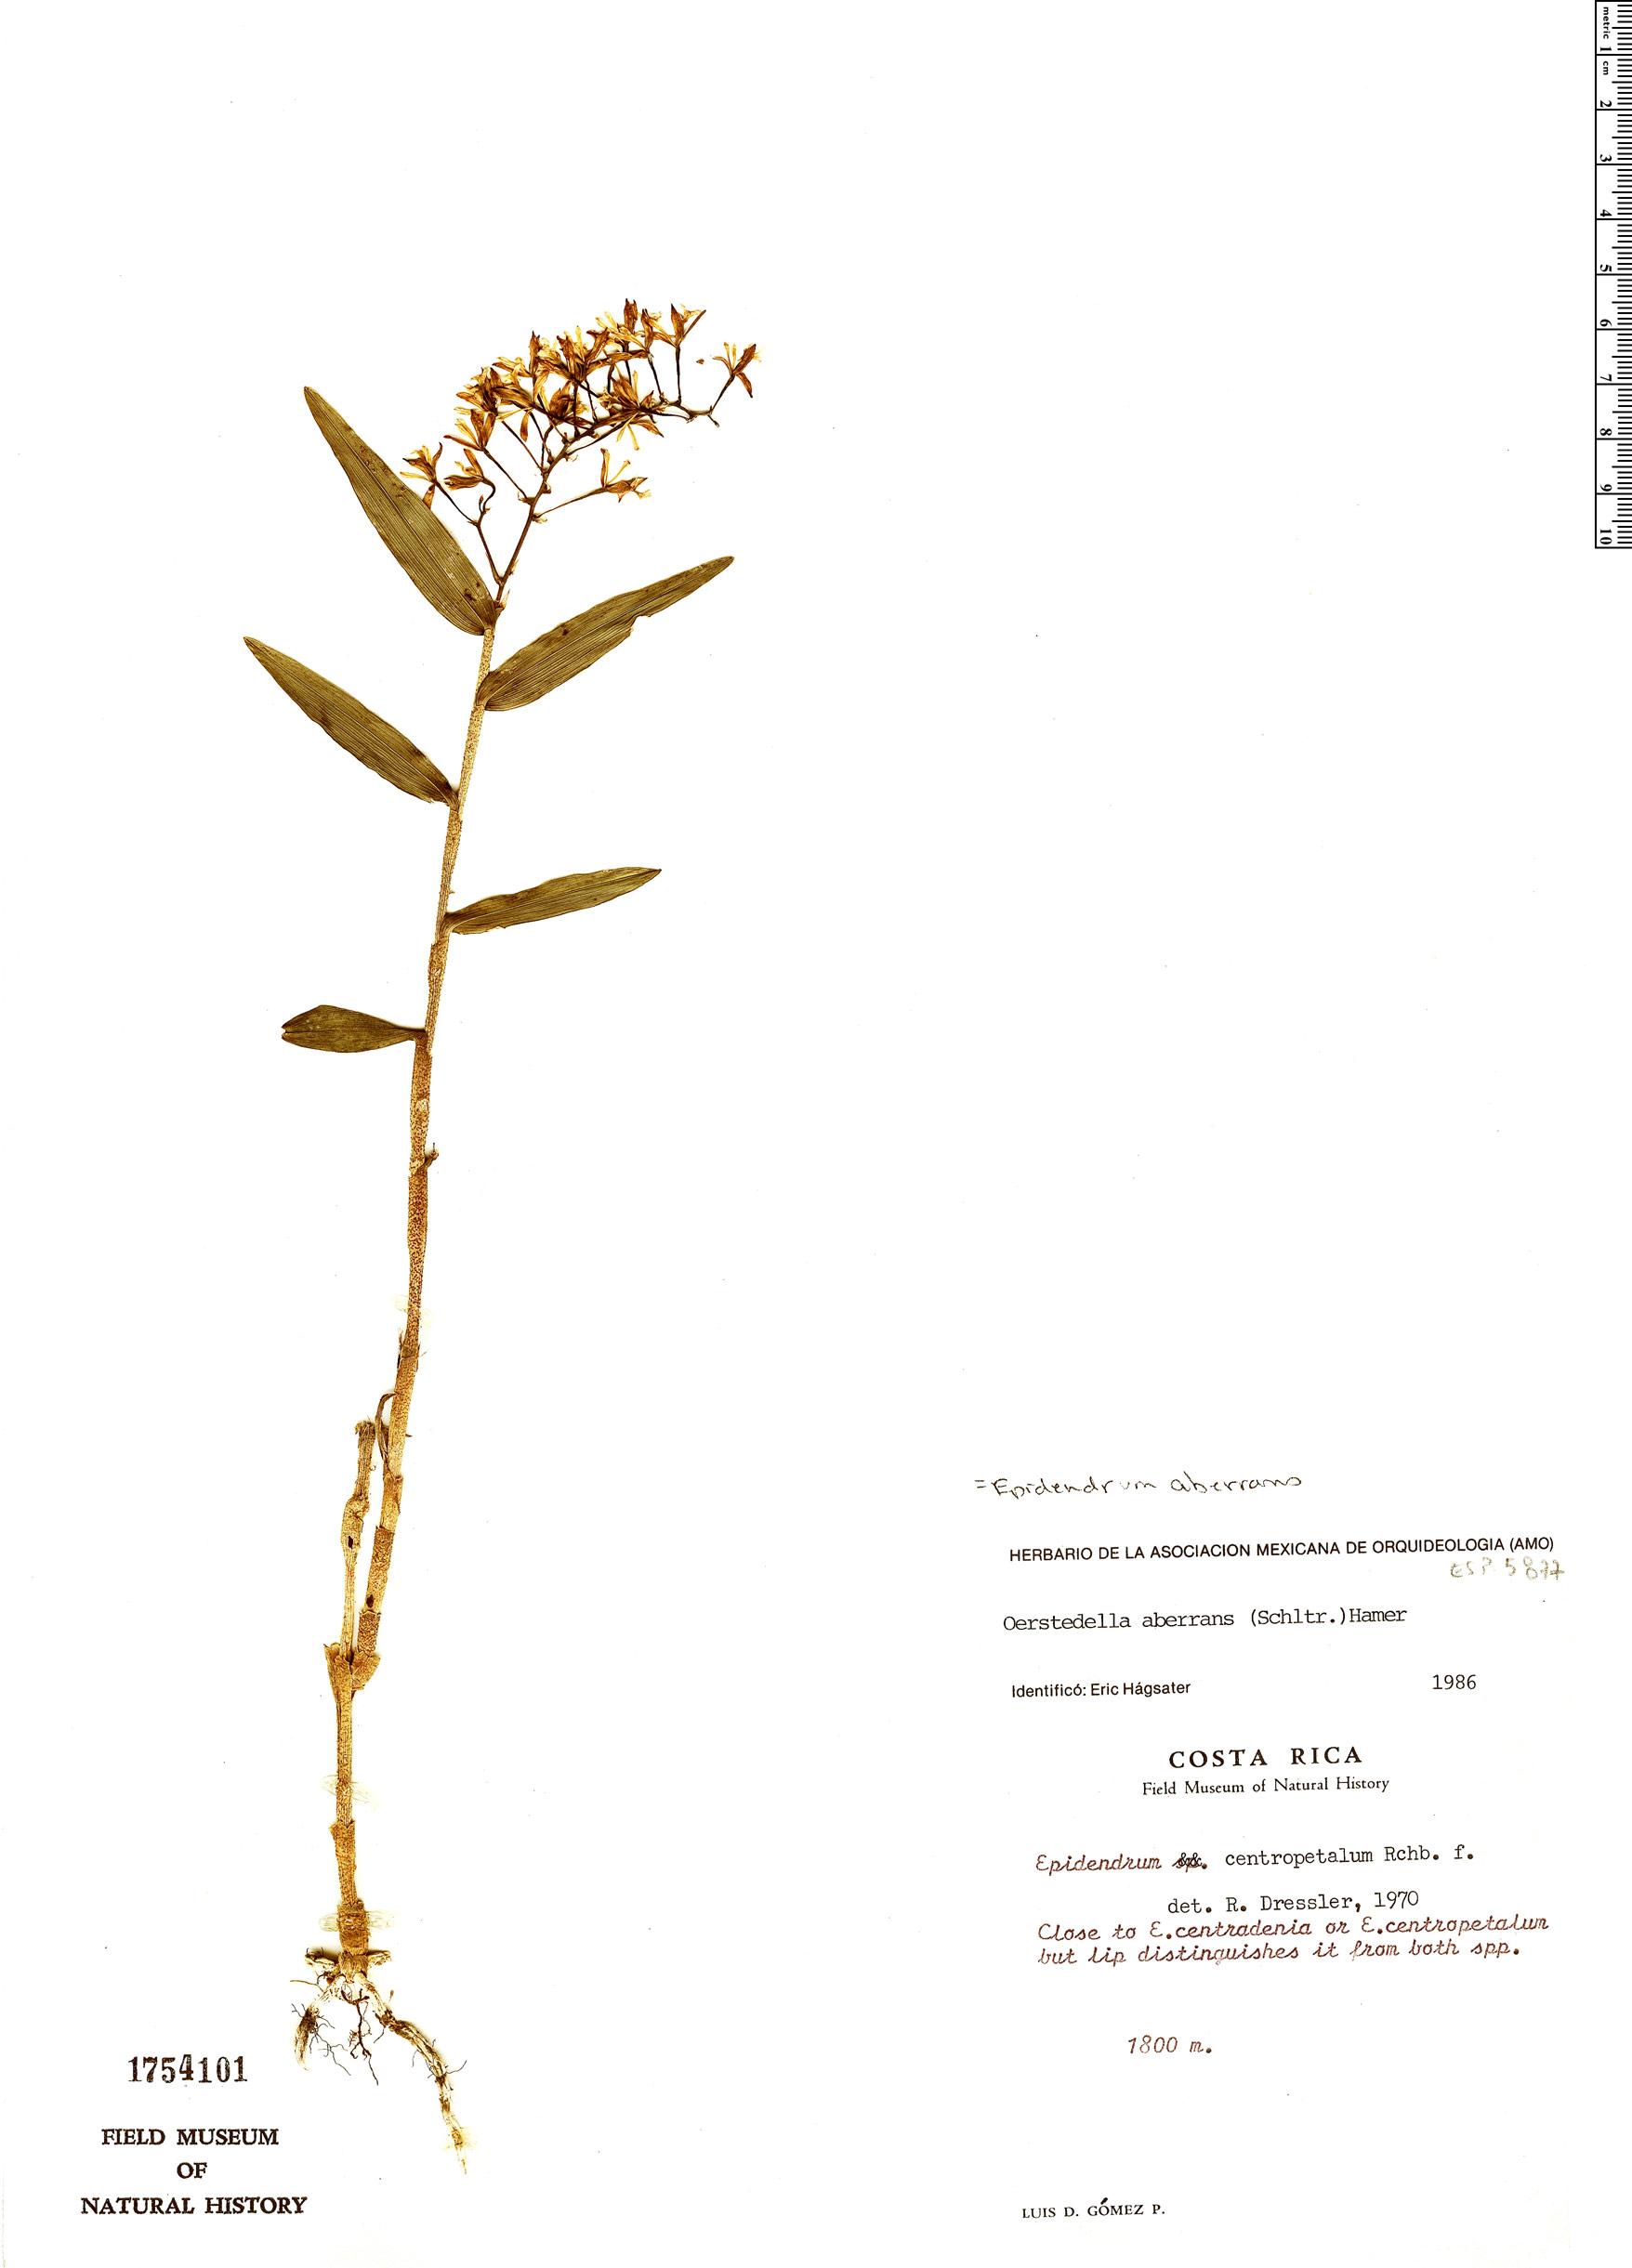 Specimen: Epidendrum aberrans